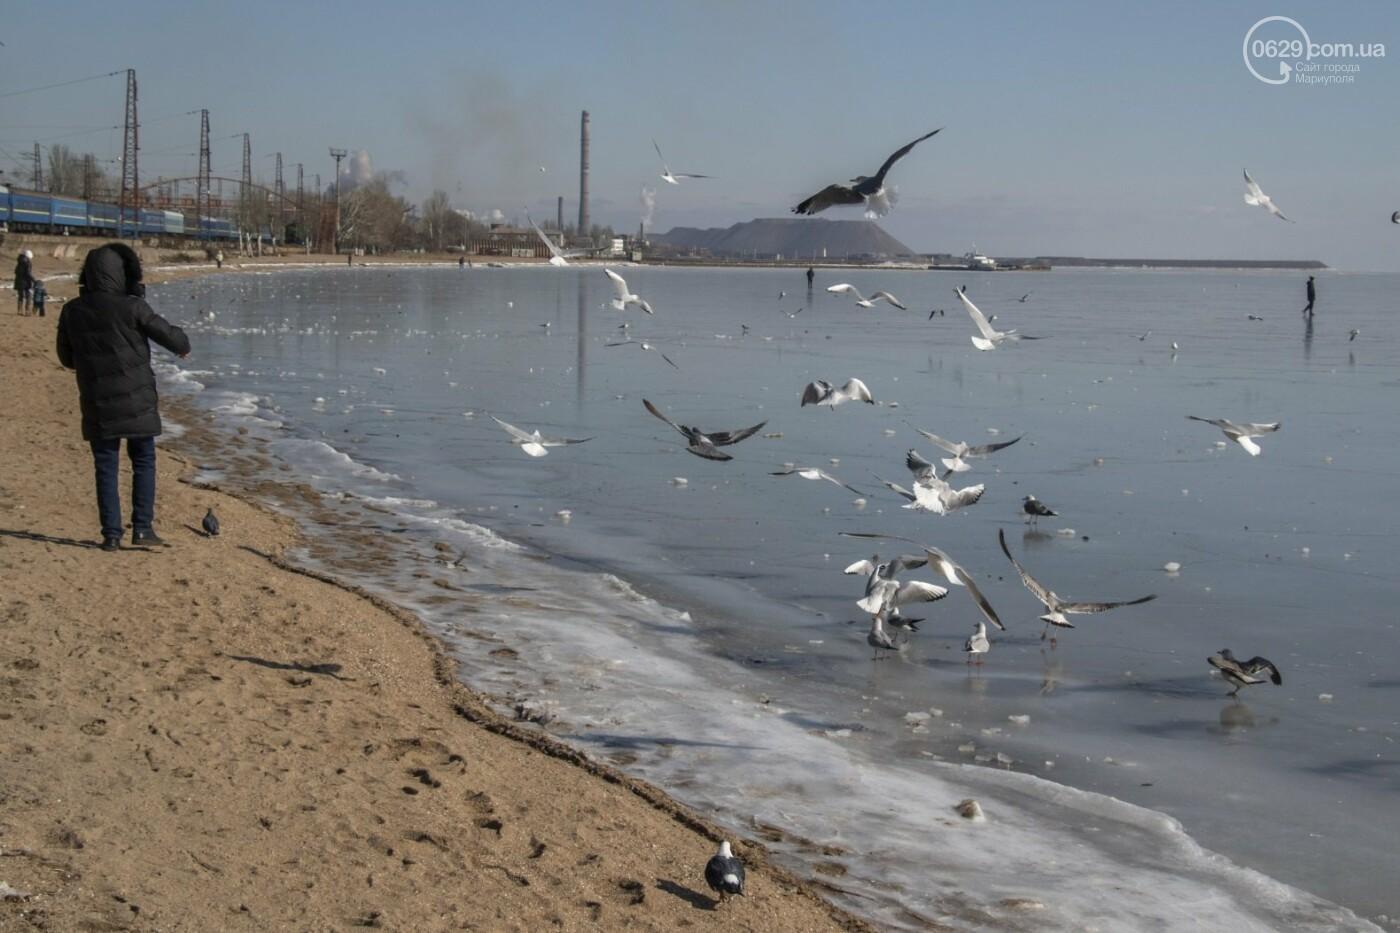 Встать в центр моря и не утонуть. 20 фотографий зимнего Азова в Мариуполе, - ФОТОРЕПОРТАЖ, фото-6